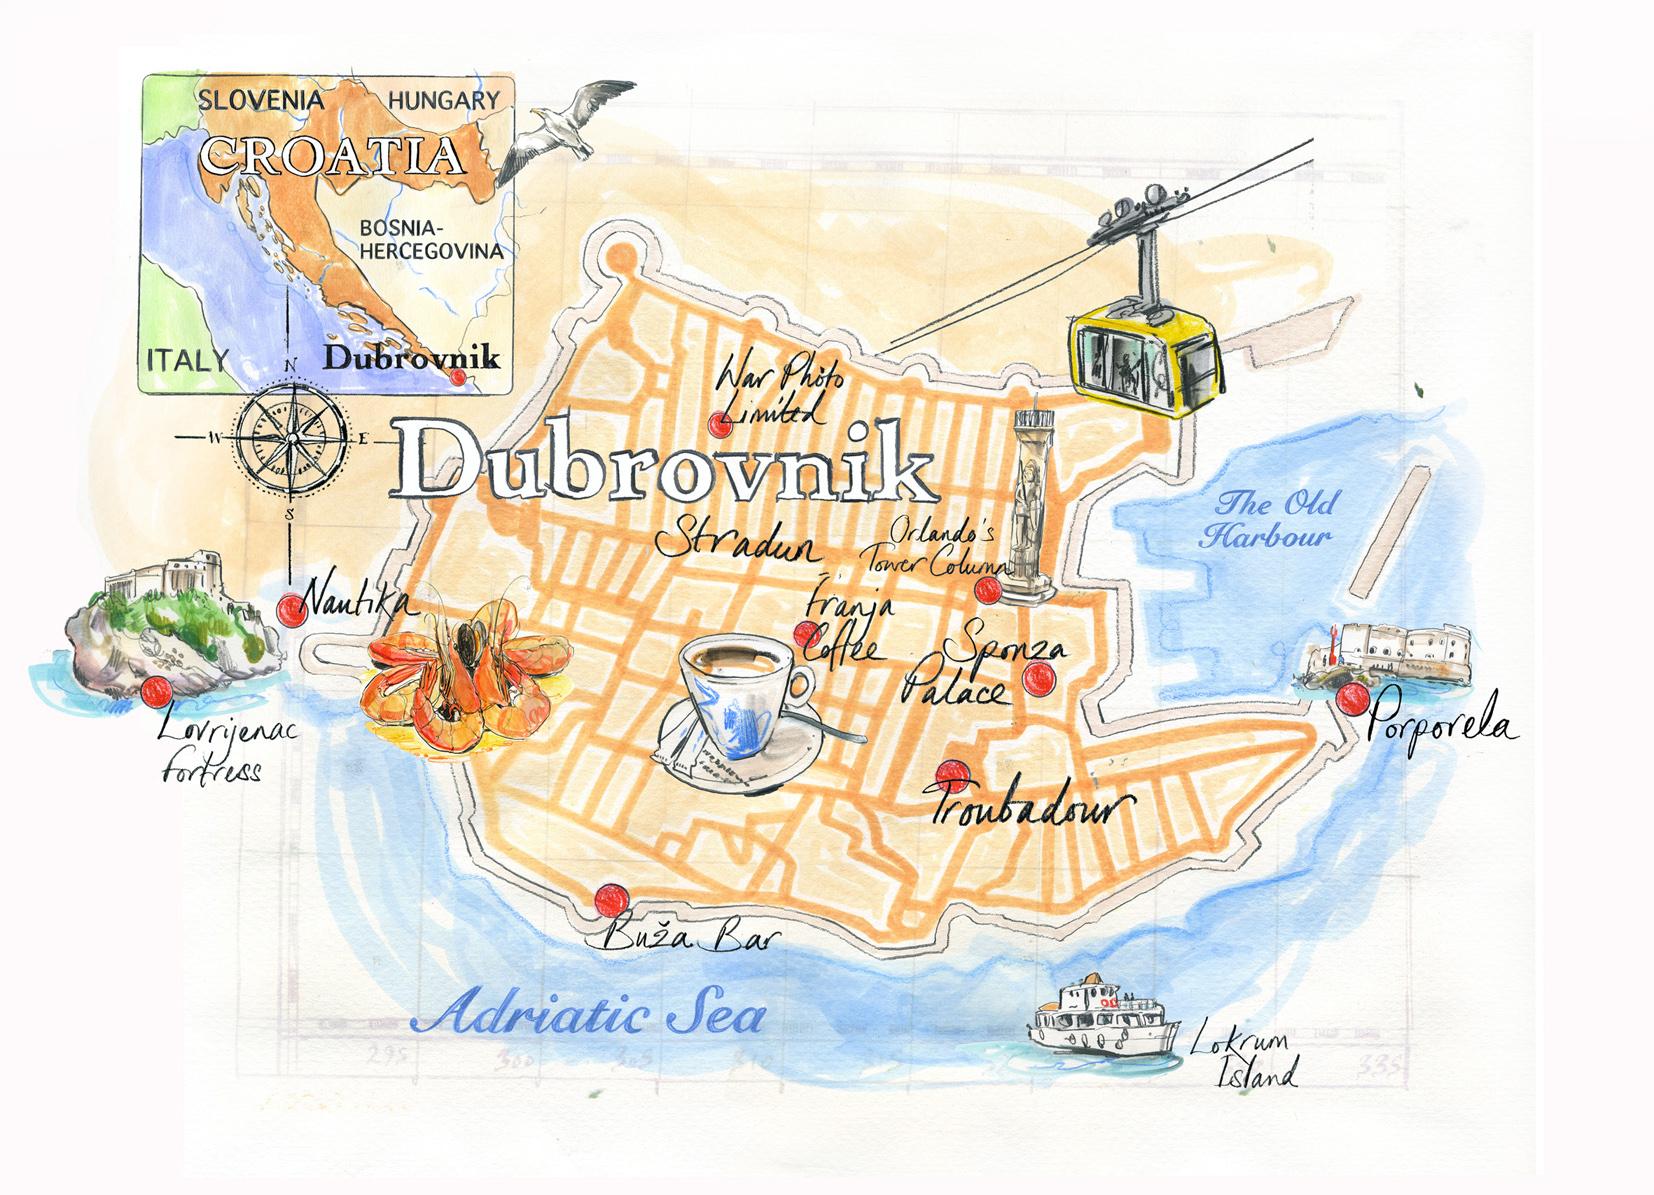 Dubrovnik Map / Conde Nast Traveller Magazine